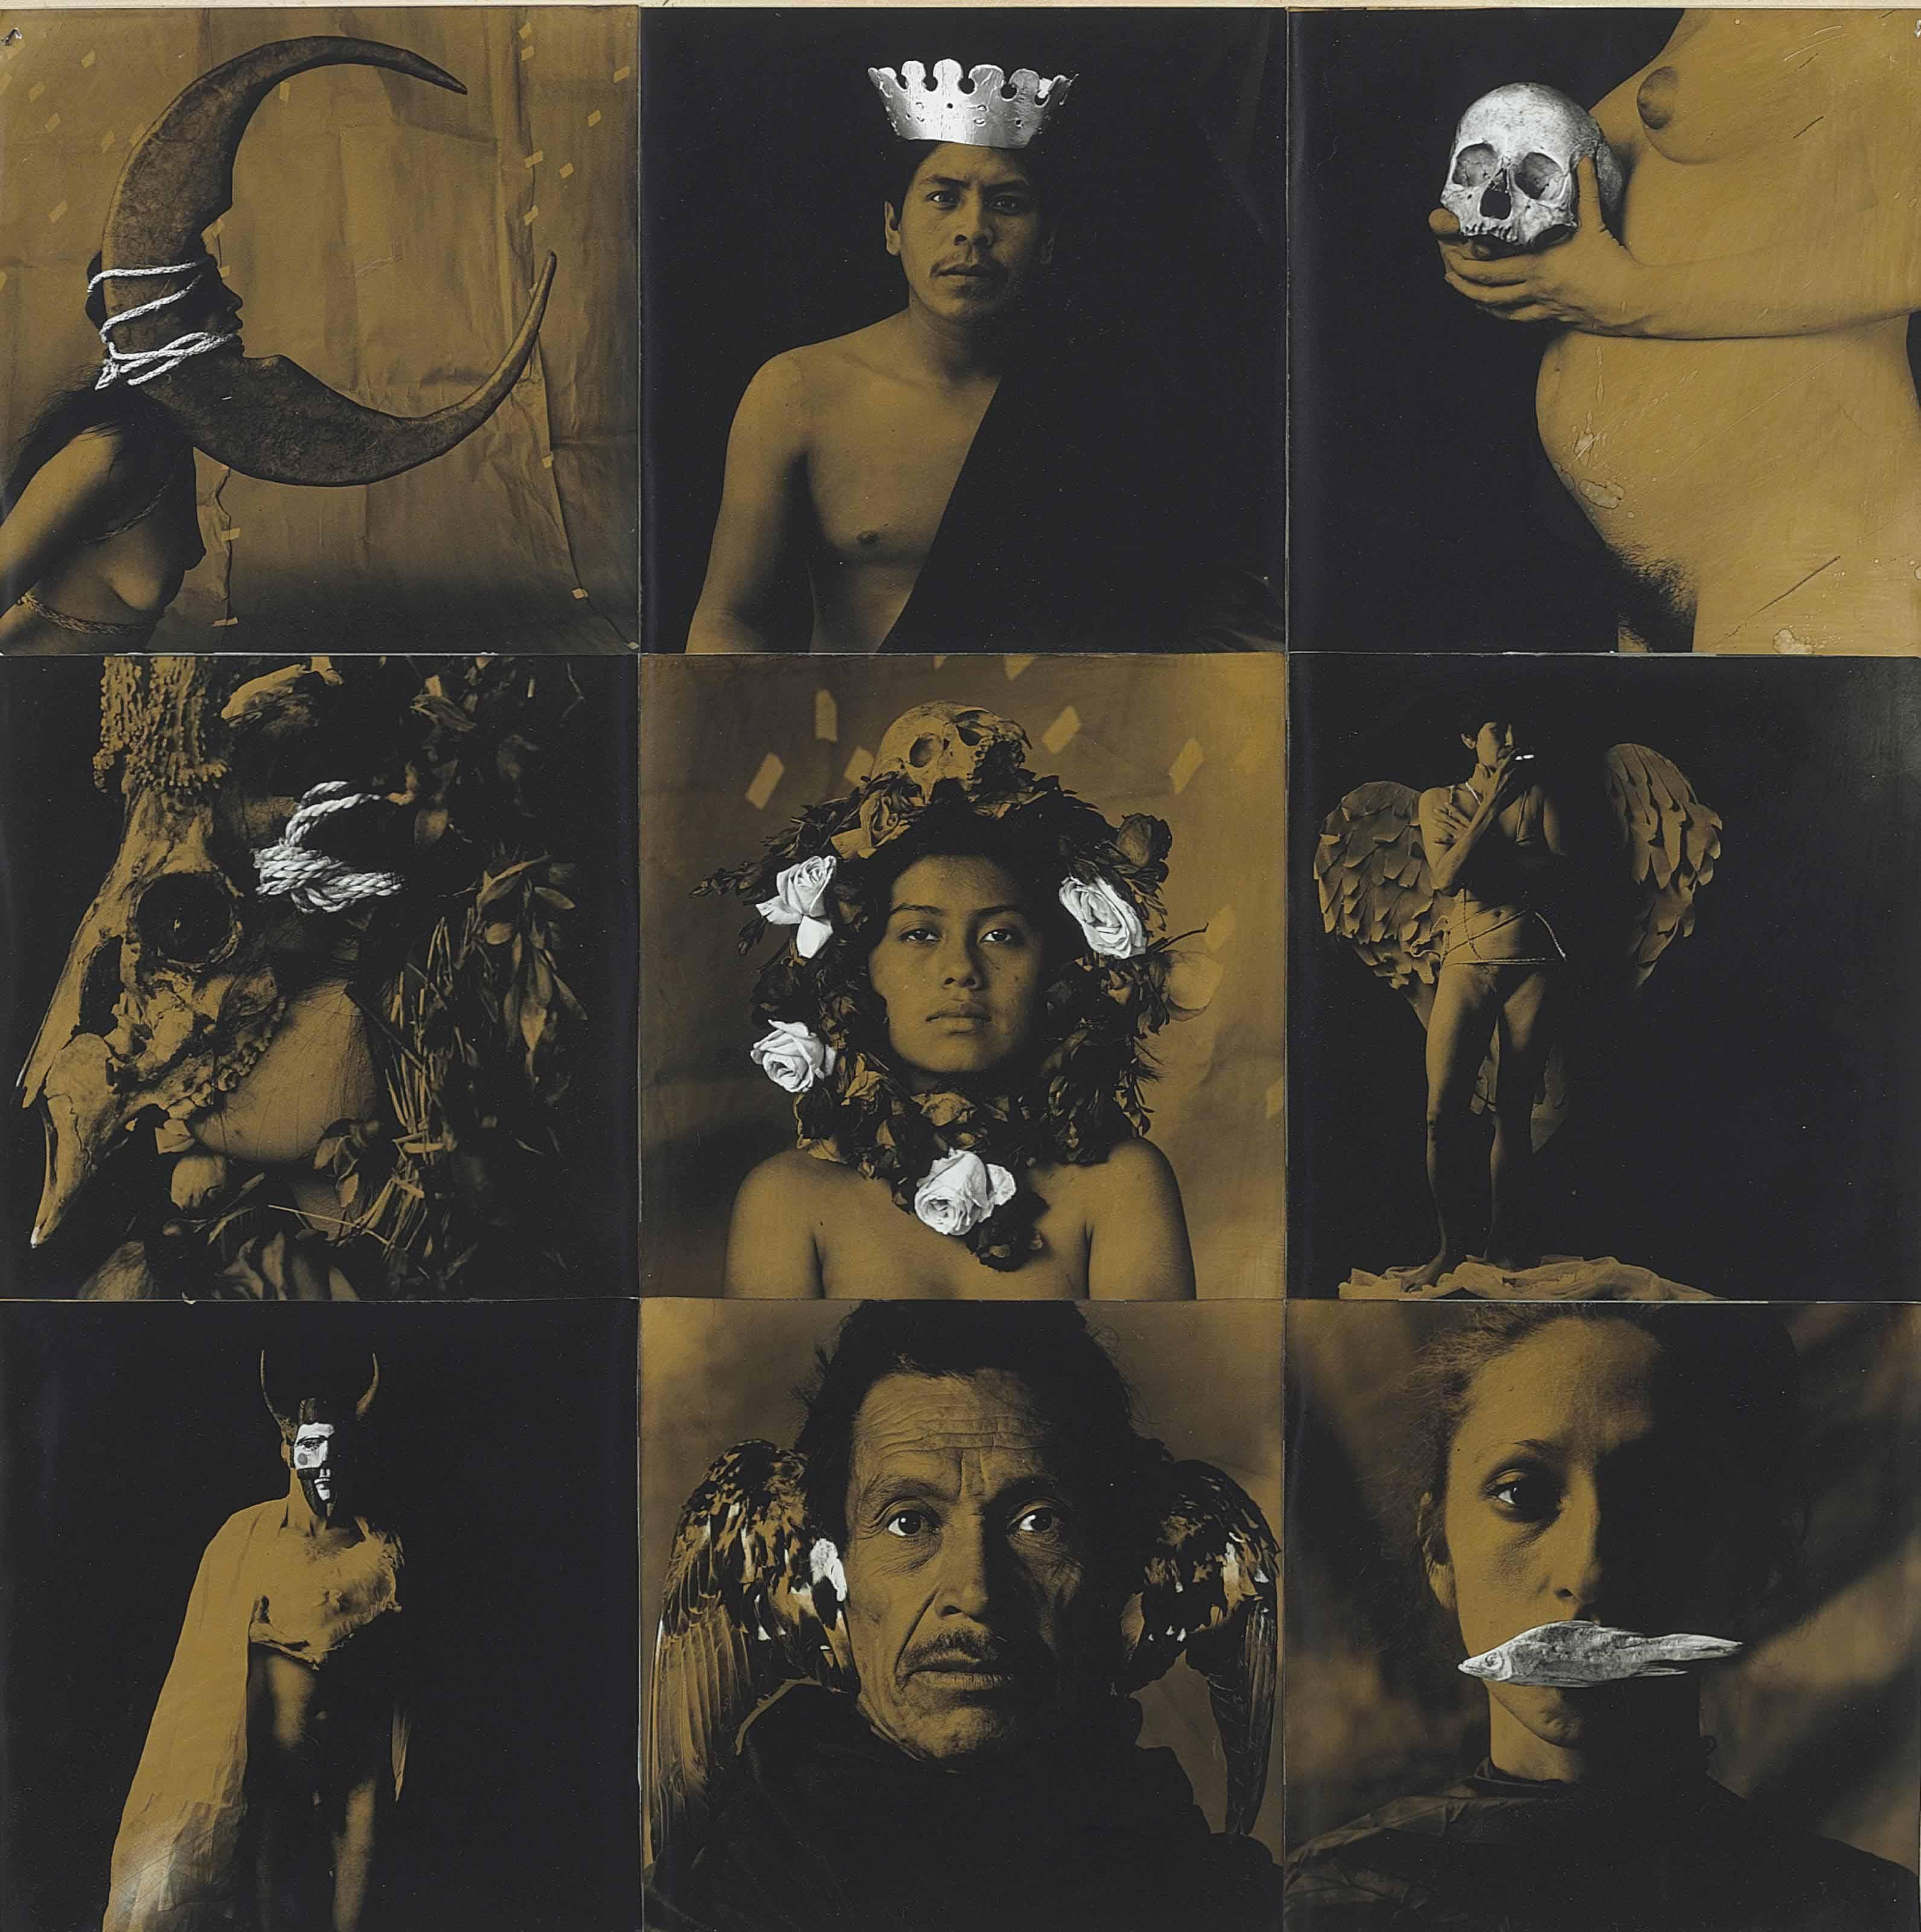 LA LOTERIA I, 1989